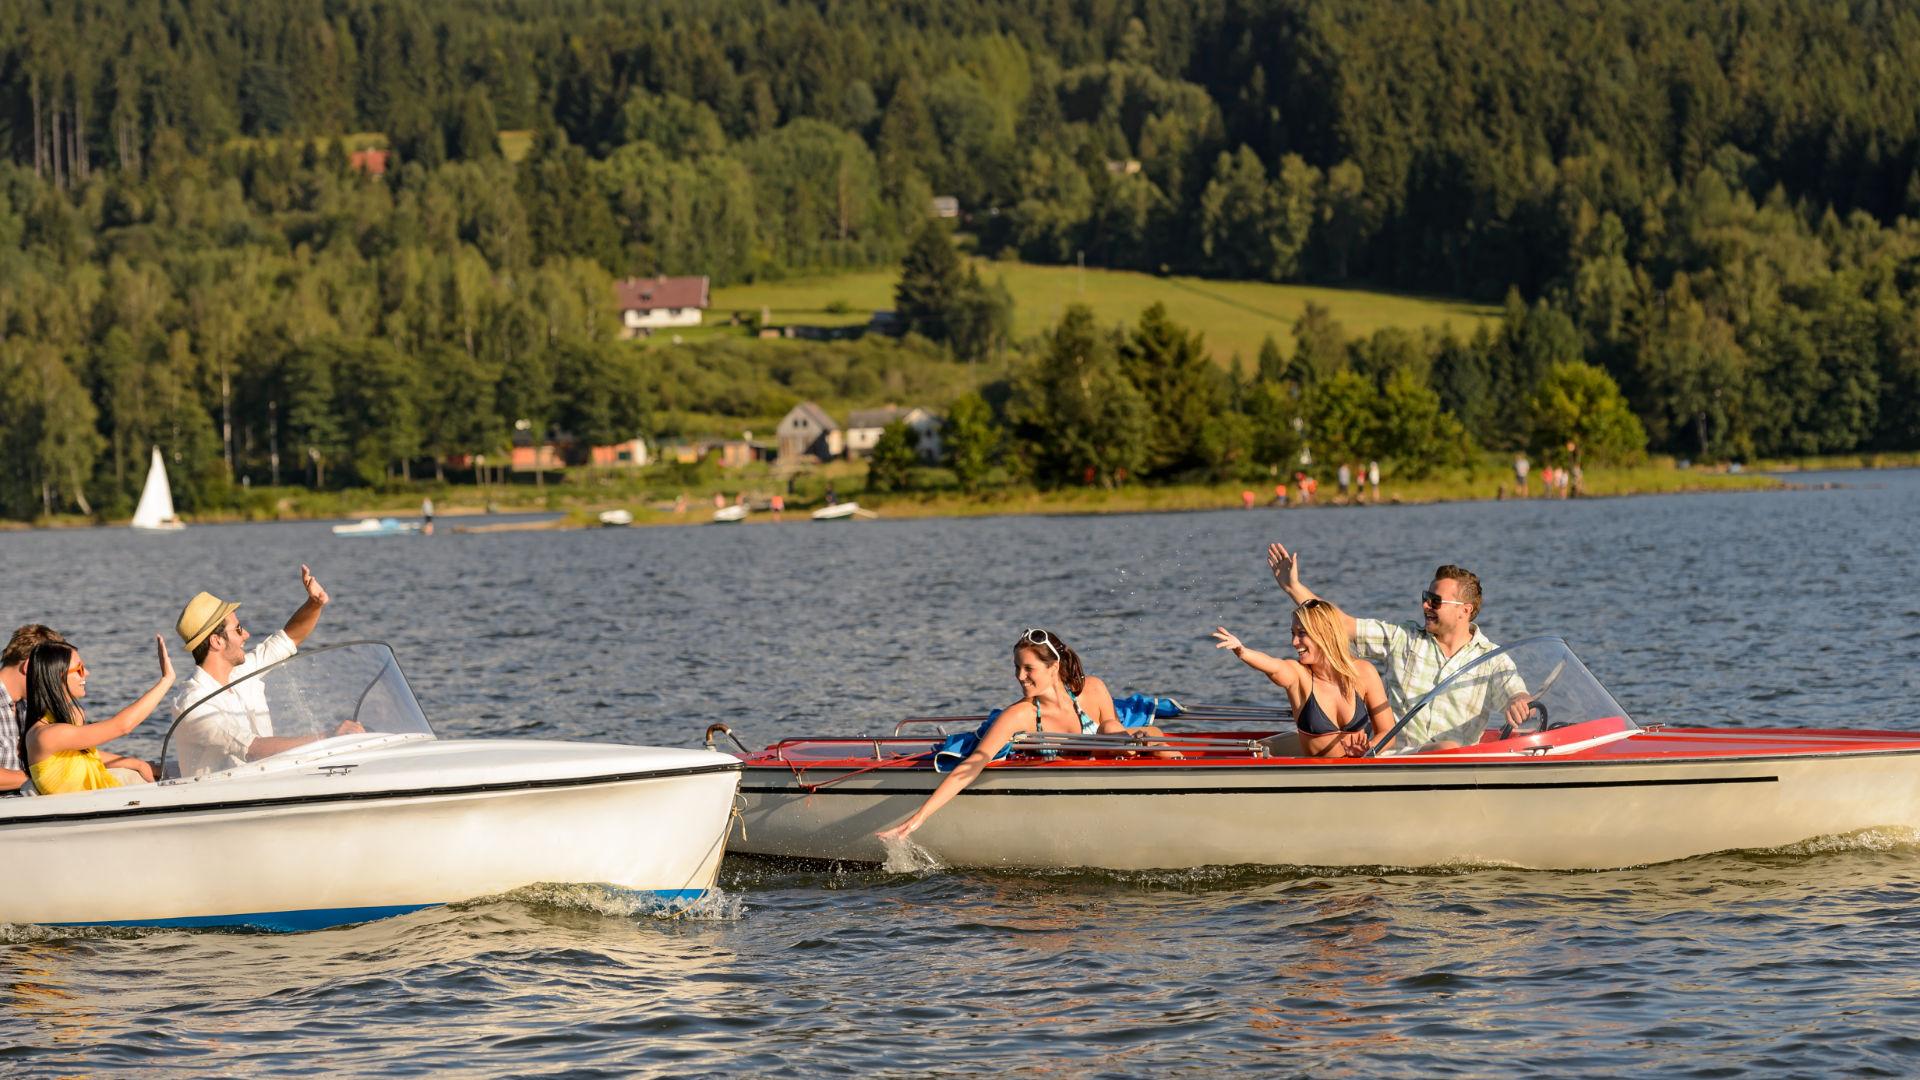 Spaß auf der Bootstour am Bodensee